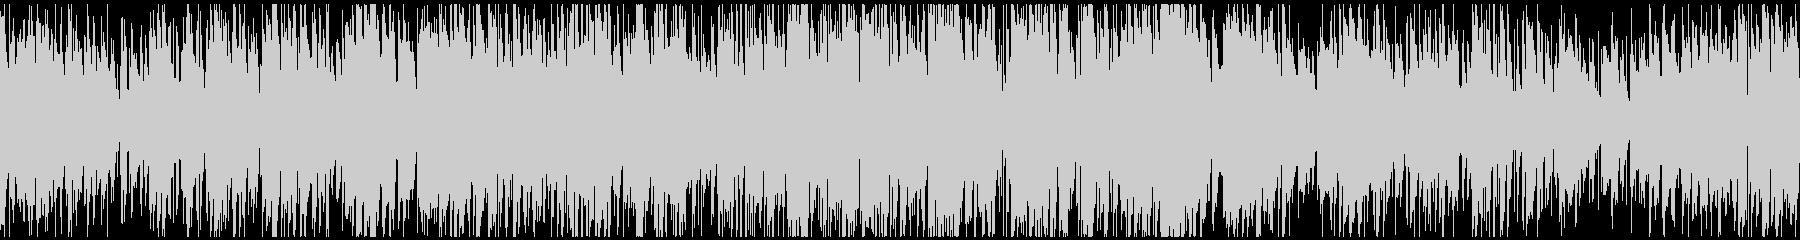 ゆるい優しいジャズSax生録 ※ループ版の未再生の波形